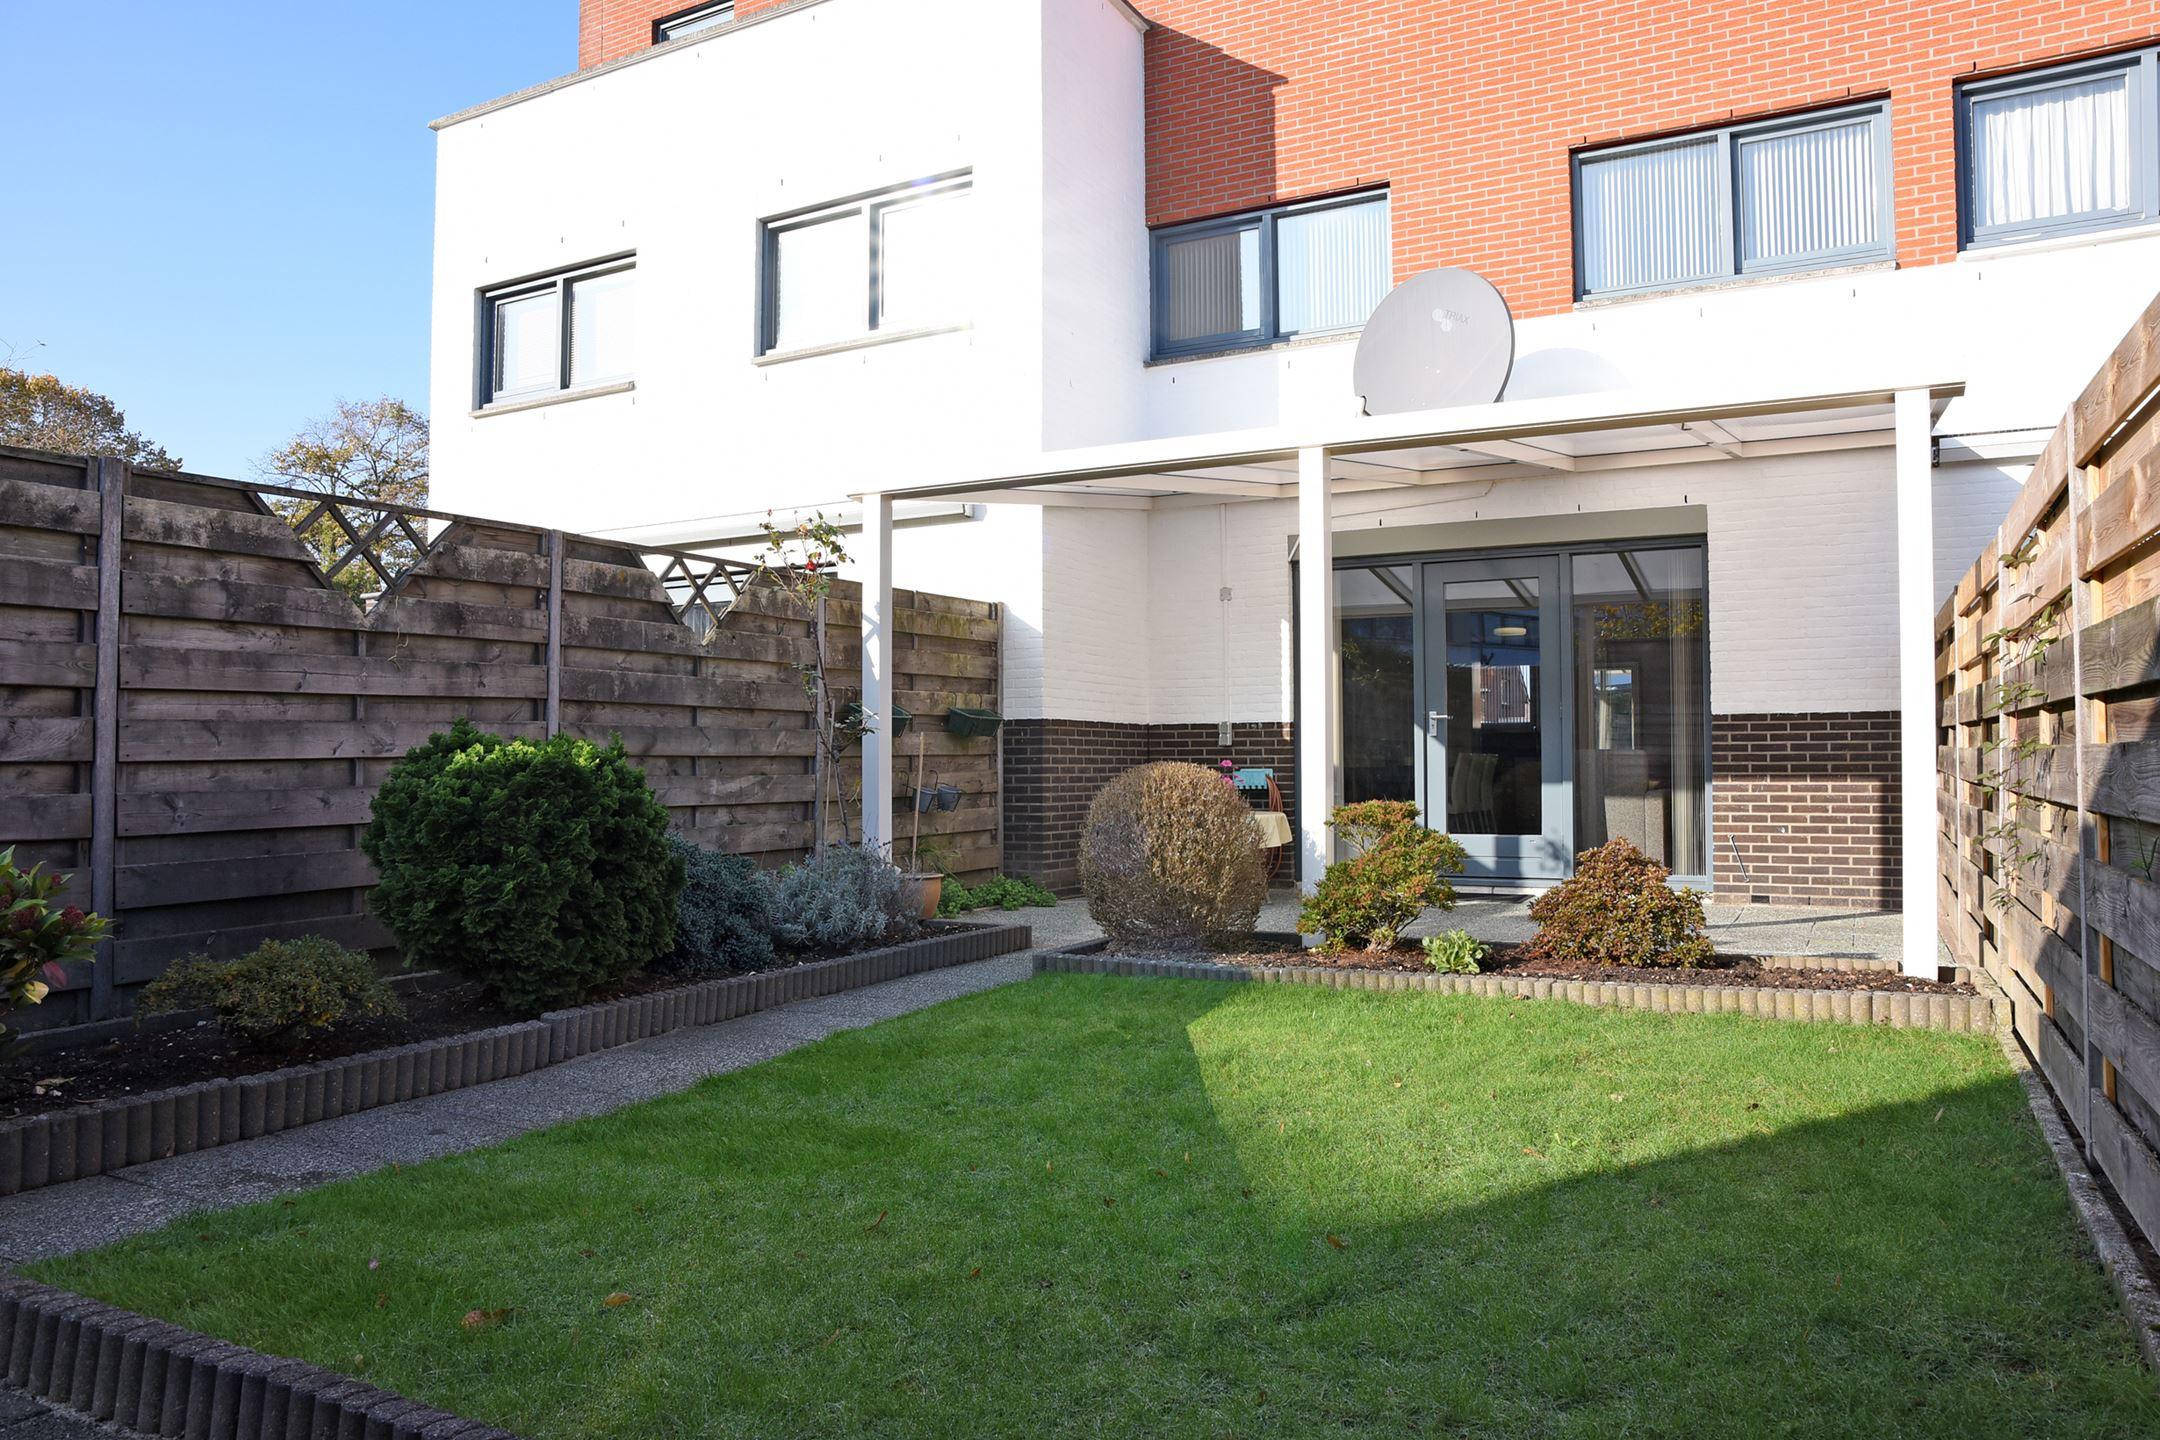 Huis te koop hatertseweg 661 6533 gl nijmegen funda for Huis te koop in nijmegen